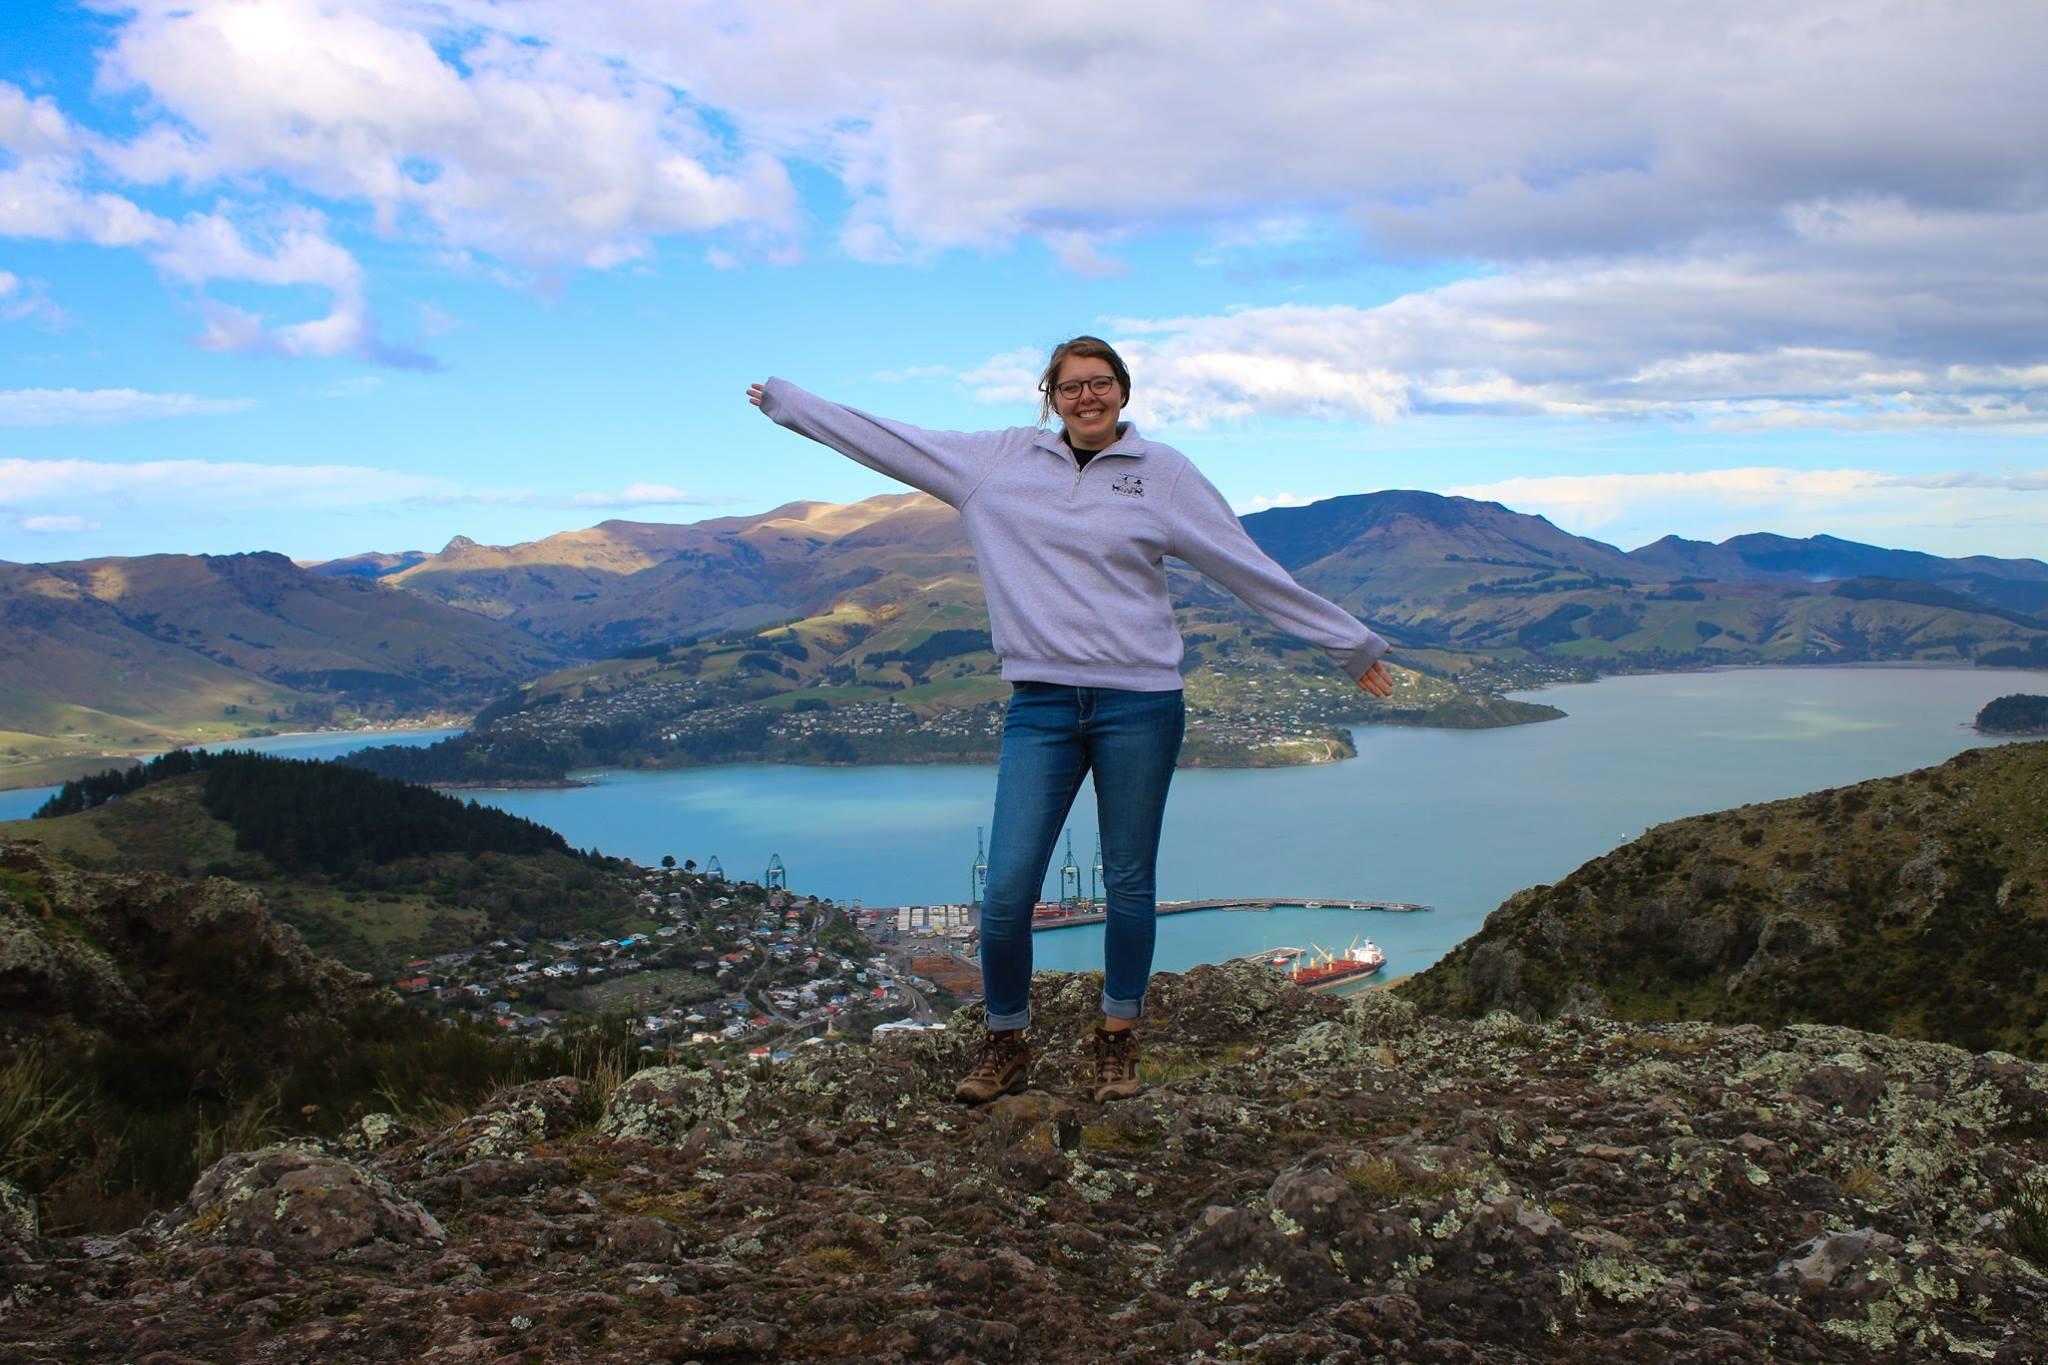 Jacqueline on a hiking trail above Lyttelton, New Zealand.